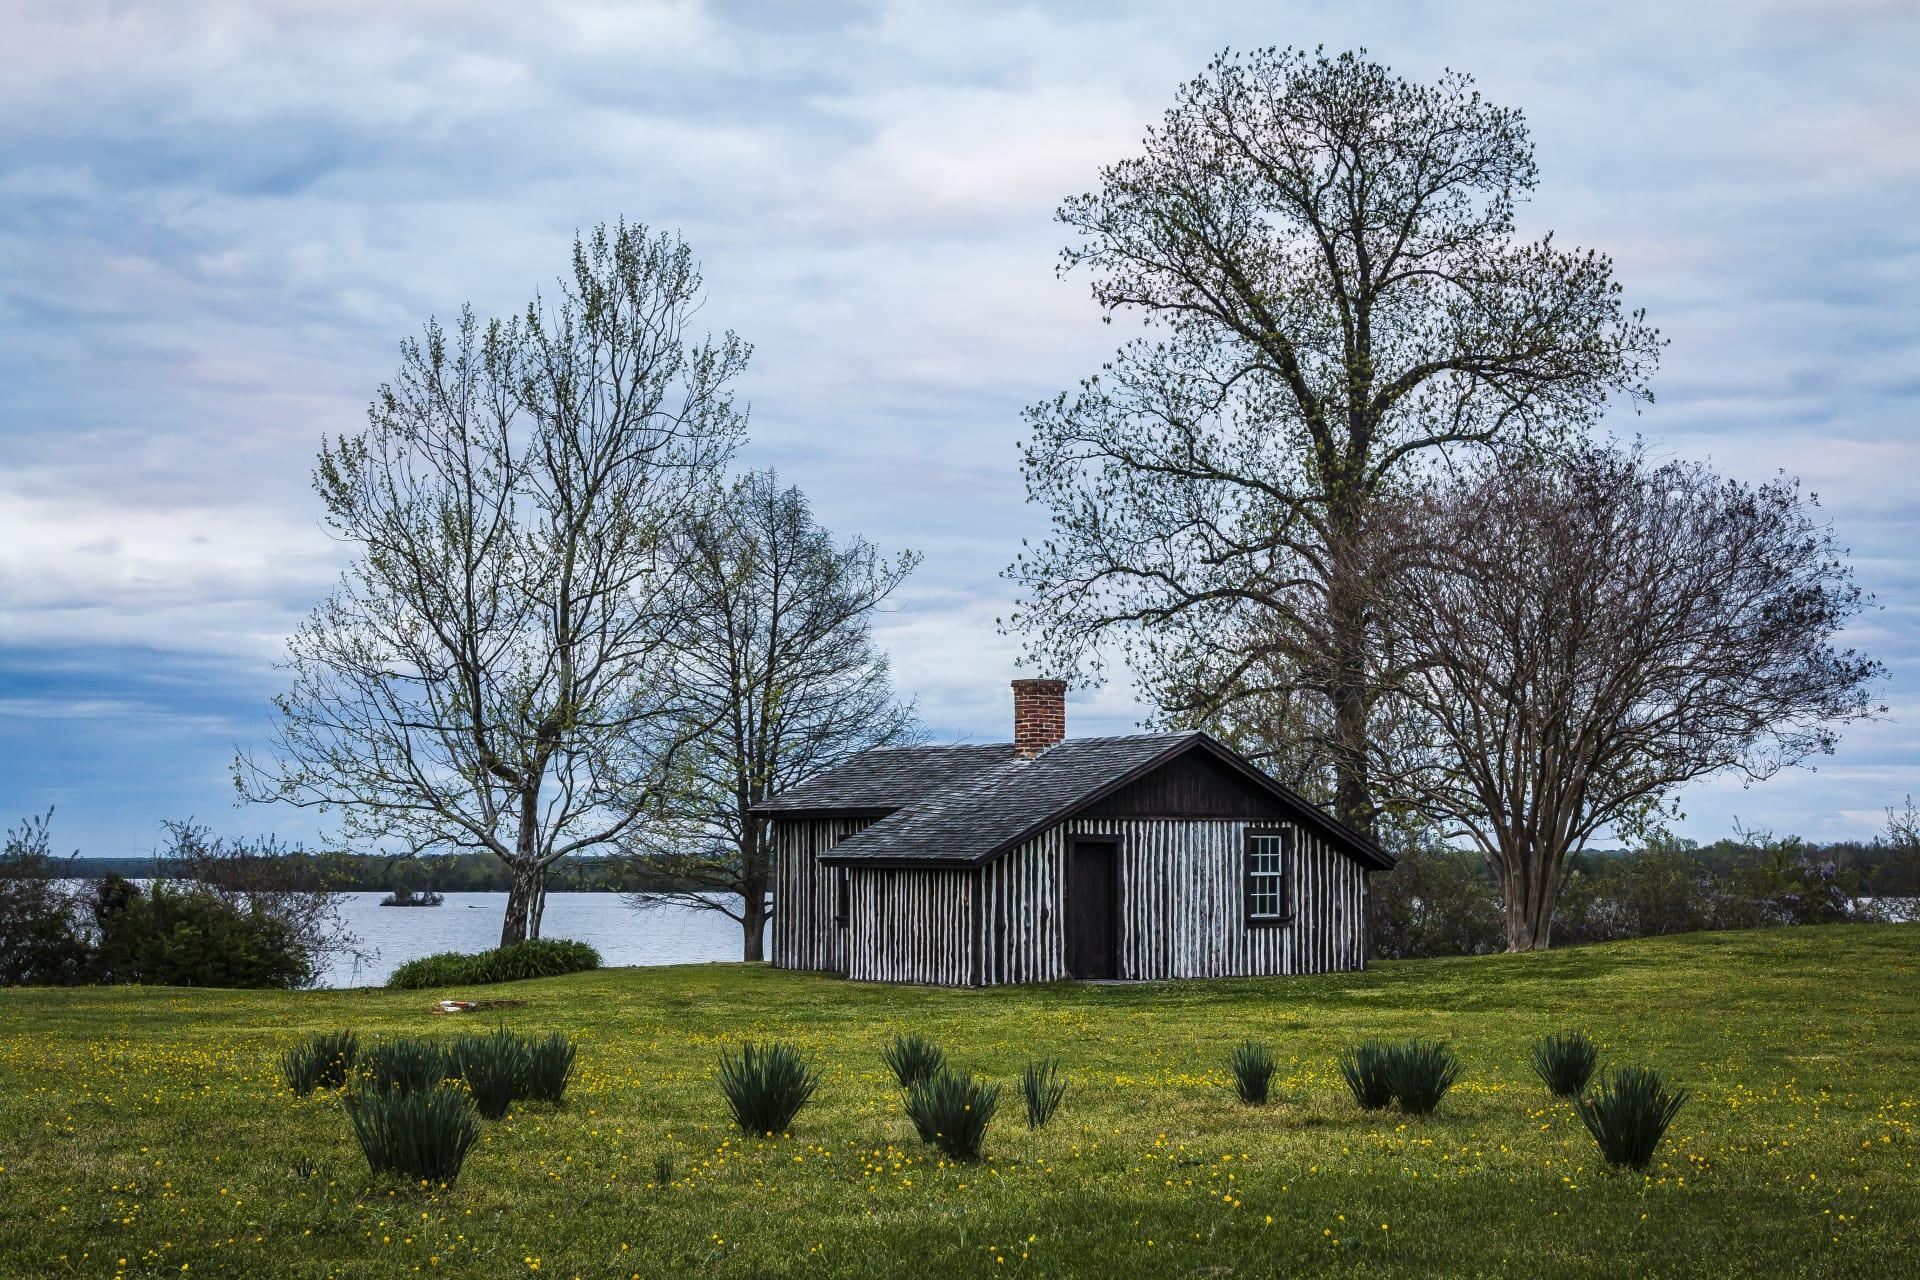 Grant's-Cabin-4-w1920.jpg